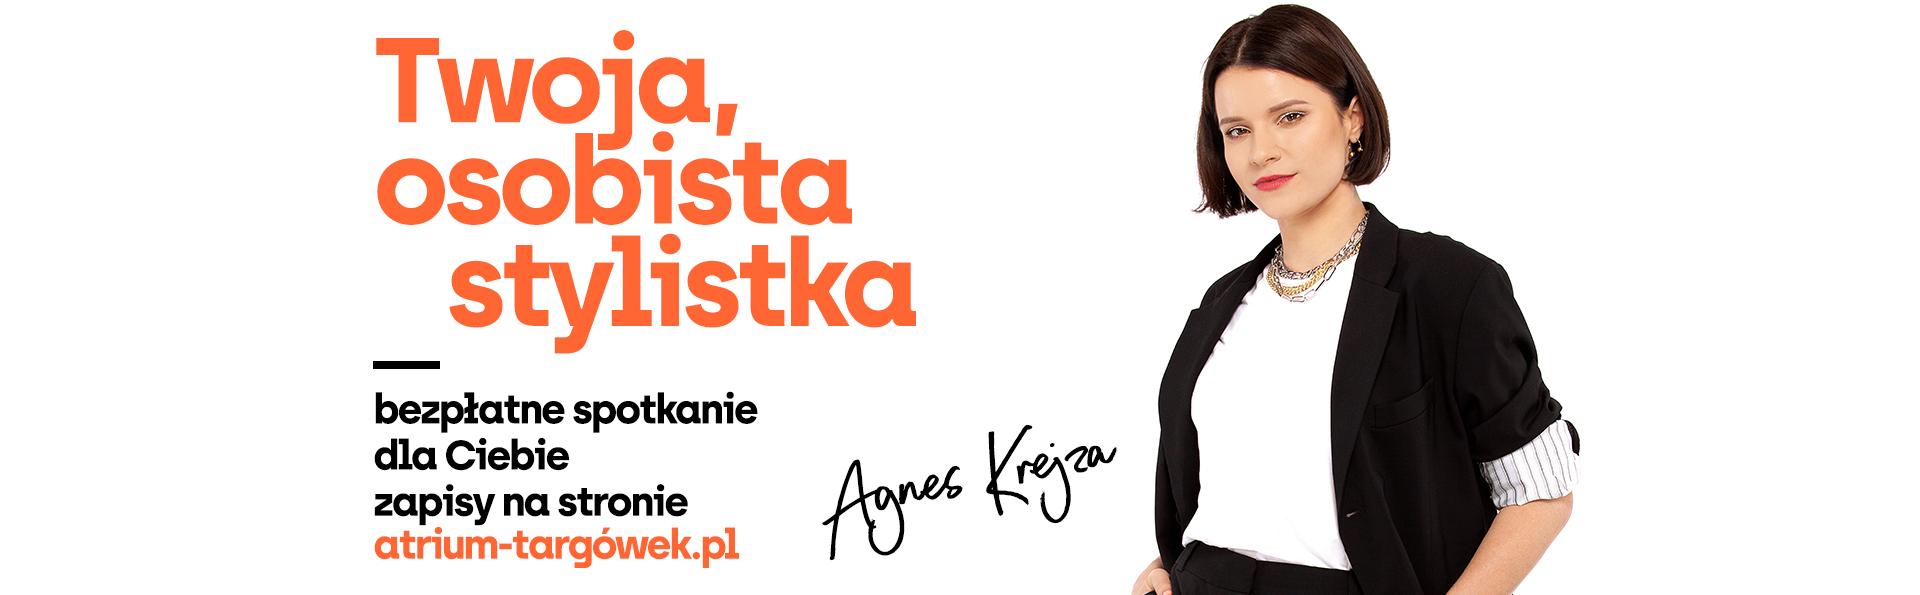 Bezpłatne spotkanie modowe ze stylistką Agnes Krejzą